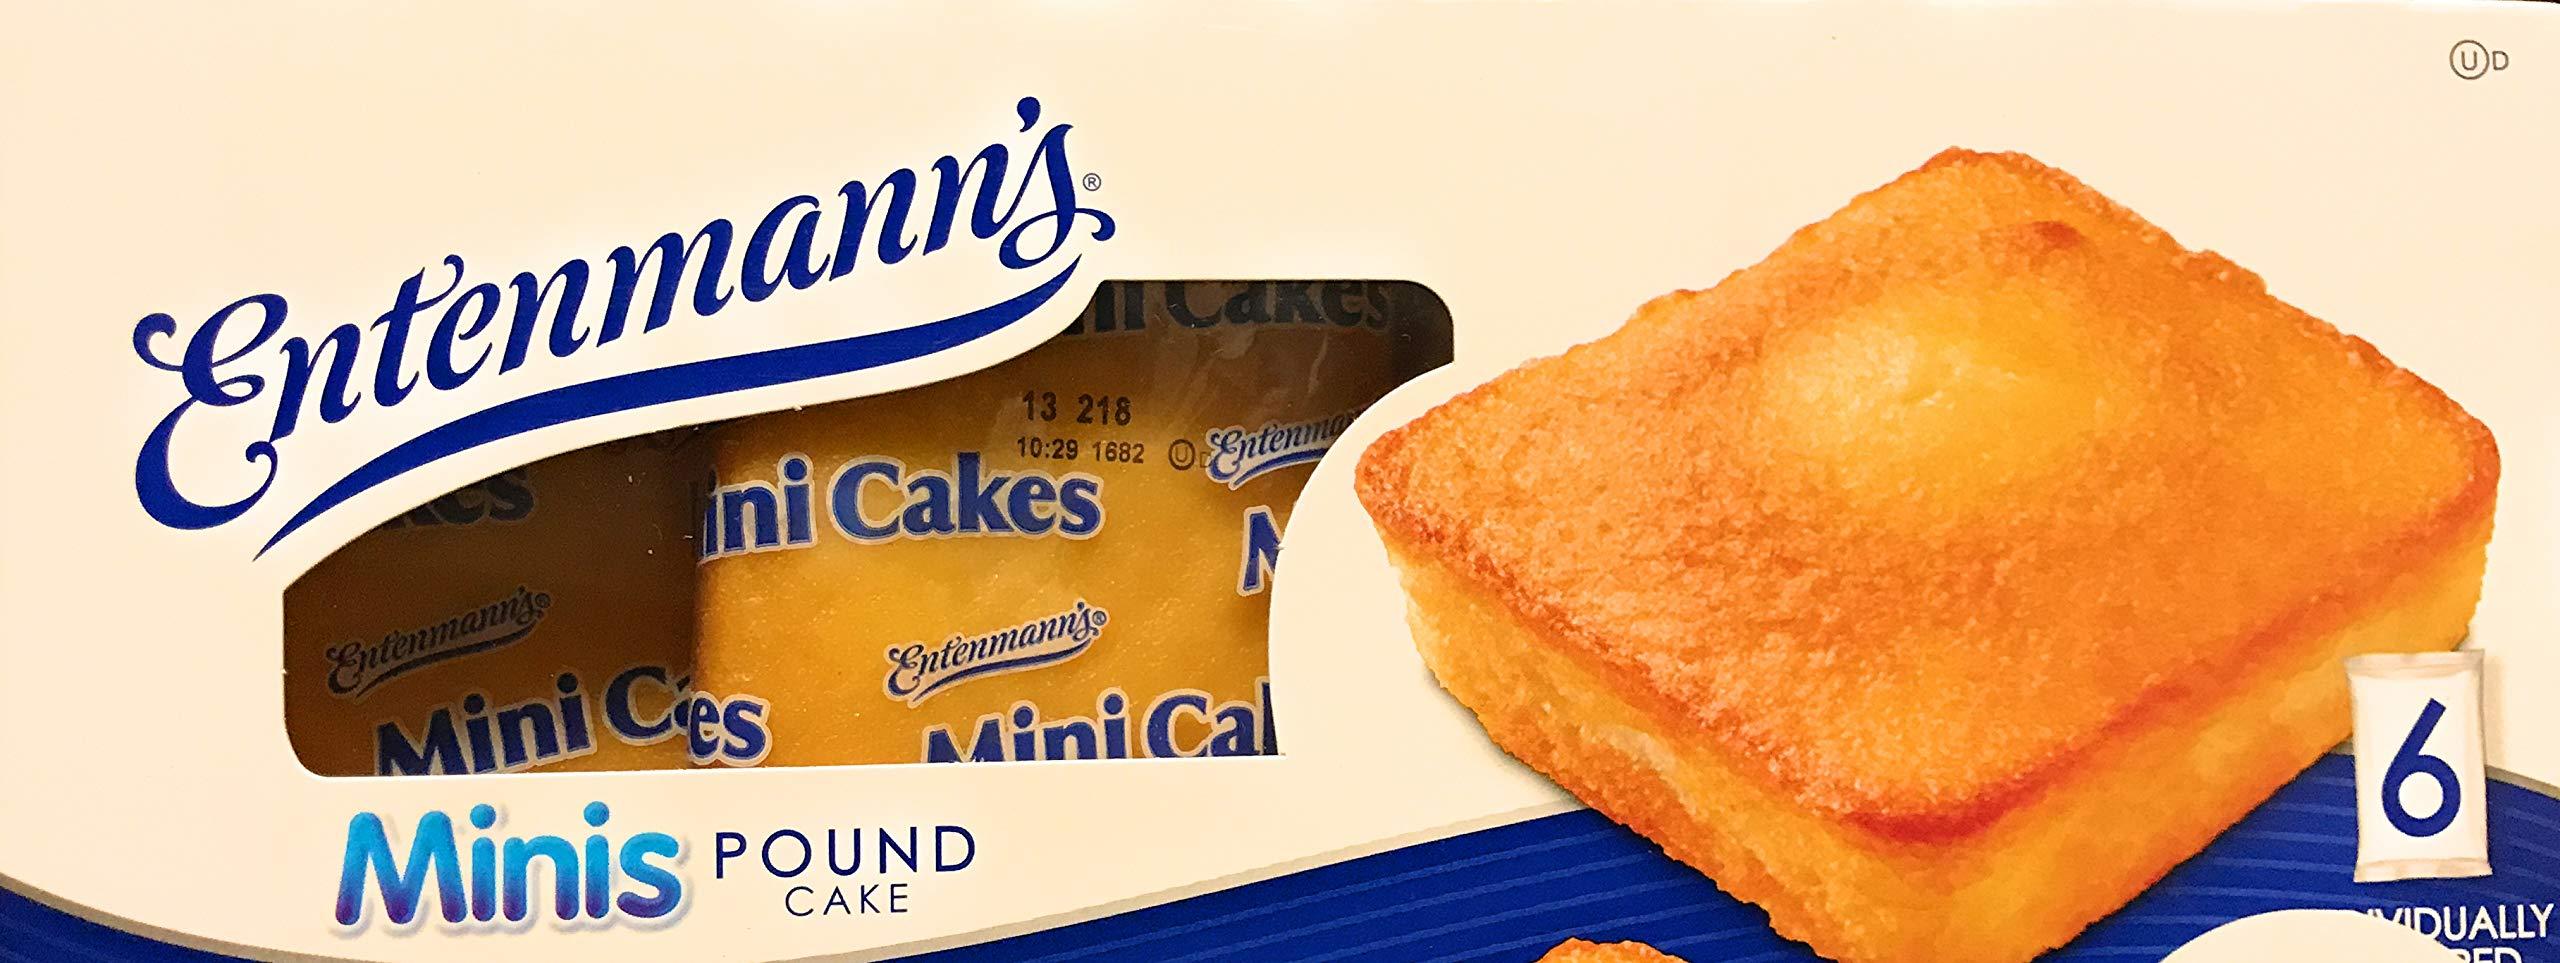 Entenmann's   Minis Pound Cake   Delicious   Yummy   Tasty   6ct Individually wrapped   9.25oz   1 Box   by Entenmann's